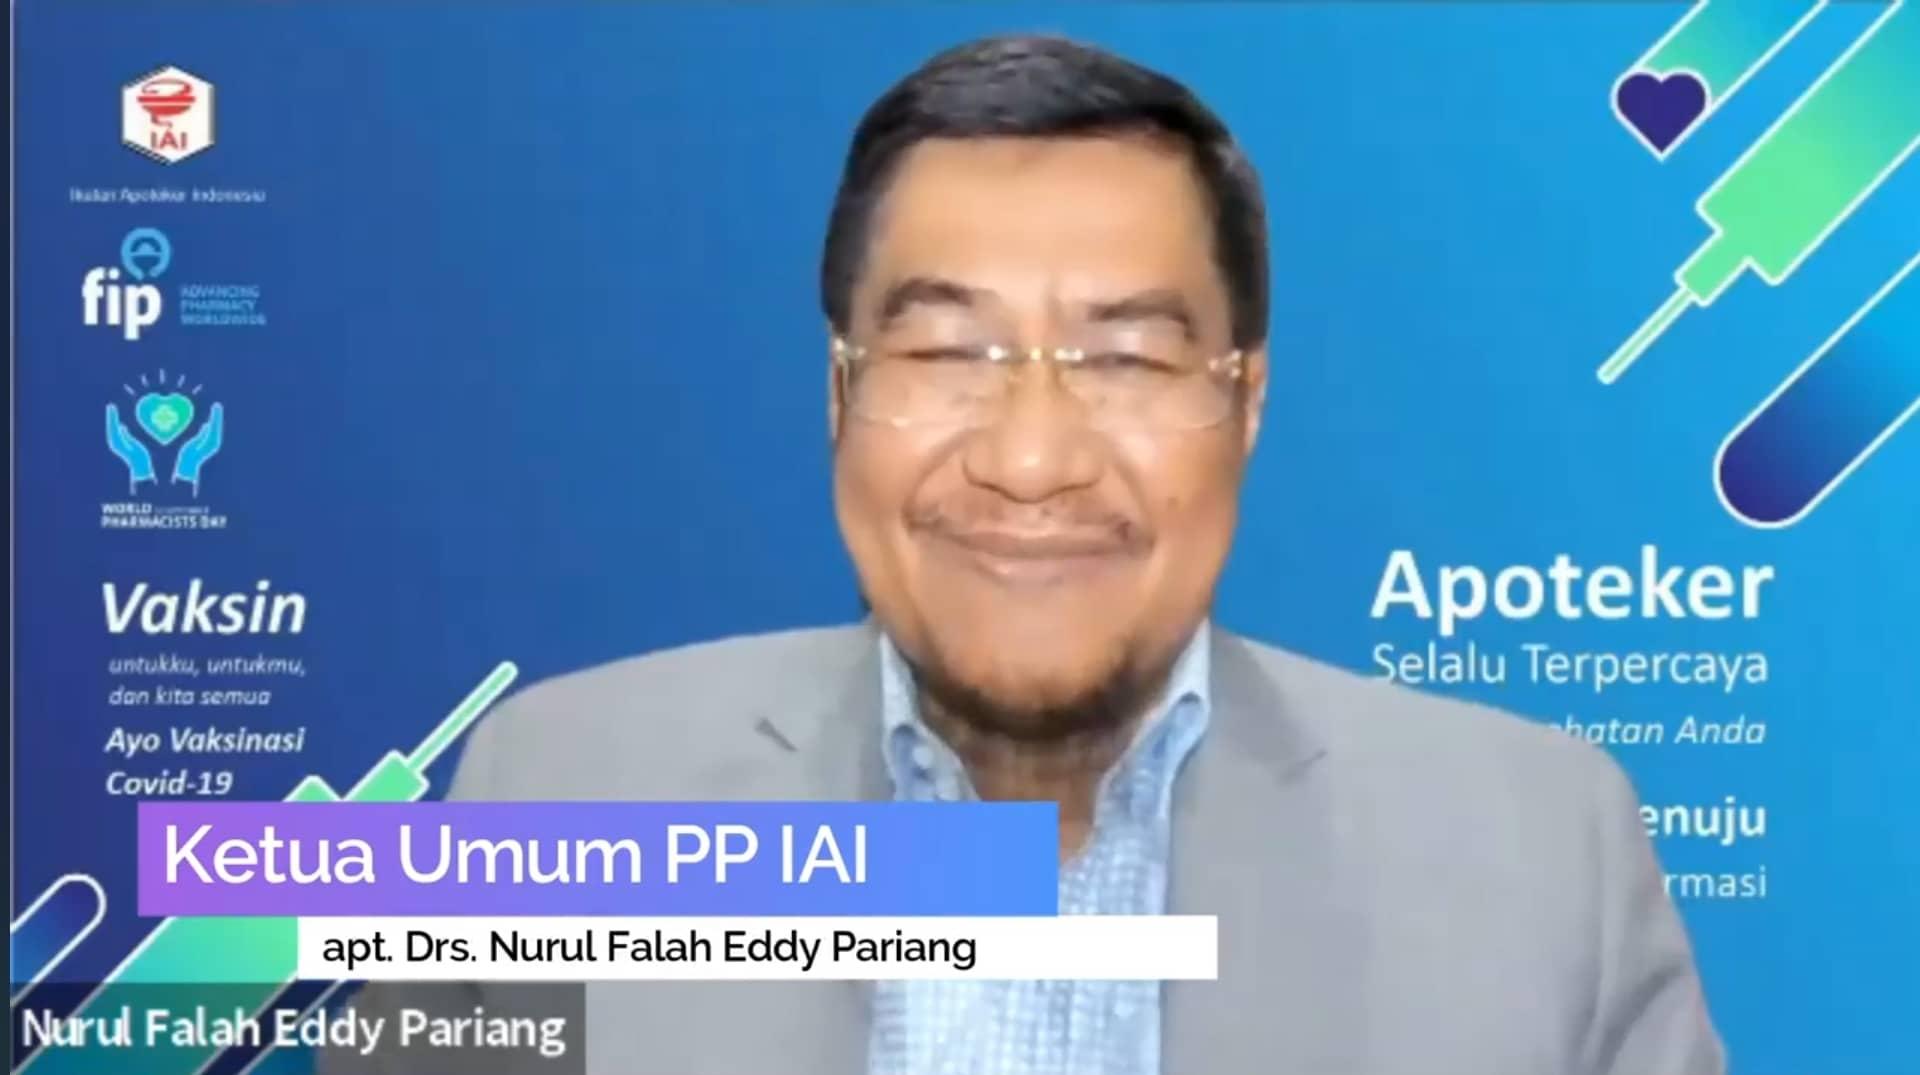 WPD 2021, PP IAI Ingatkan Hati Nurani Apoteker, Konsisten dengan Ucapan Sumpahnya